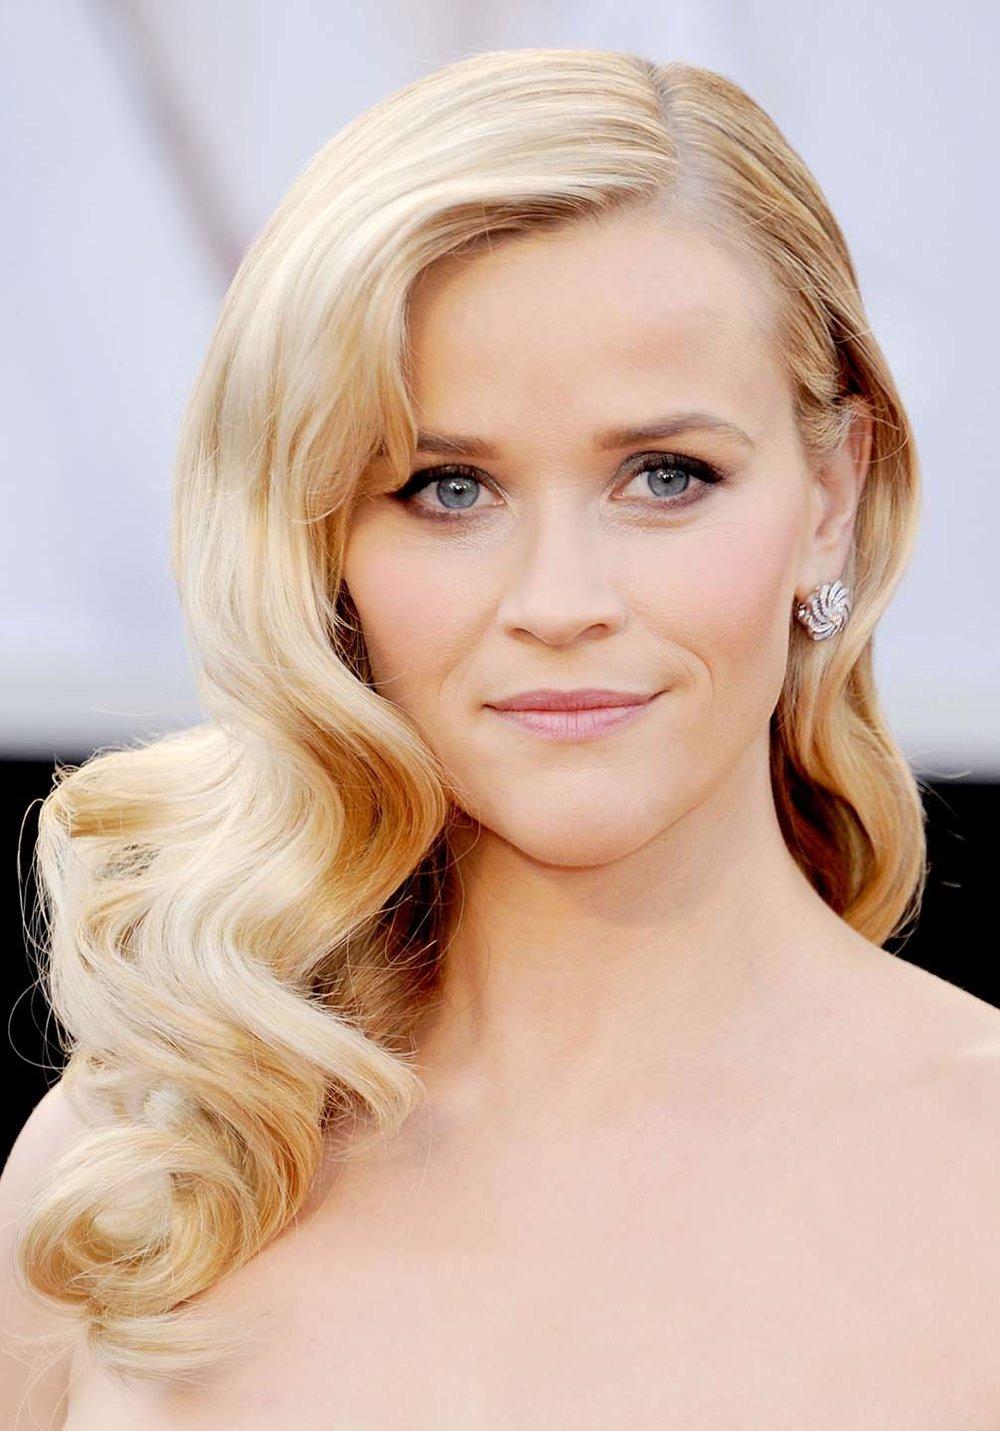 hair-reesewitherspoon-haircut-blonde-wavy-long.jpg